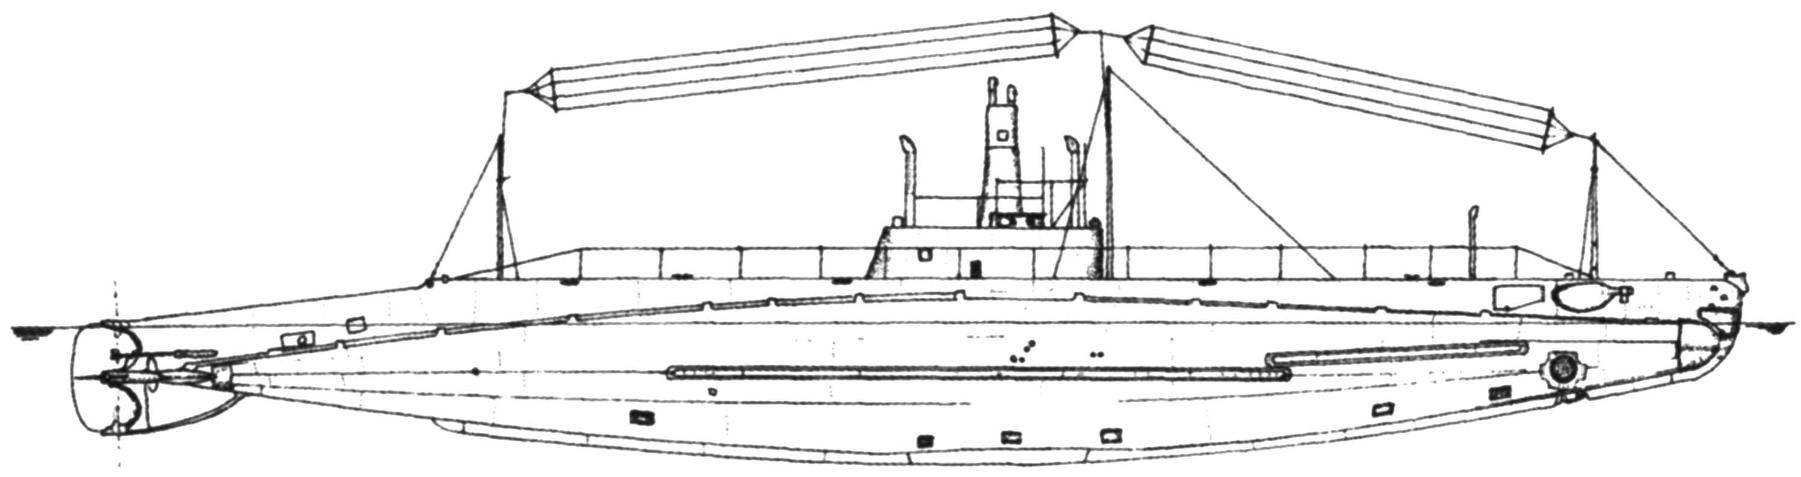 Подводная лодка «К-5» (SS-36) типа «К», США, 1914 г.